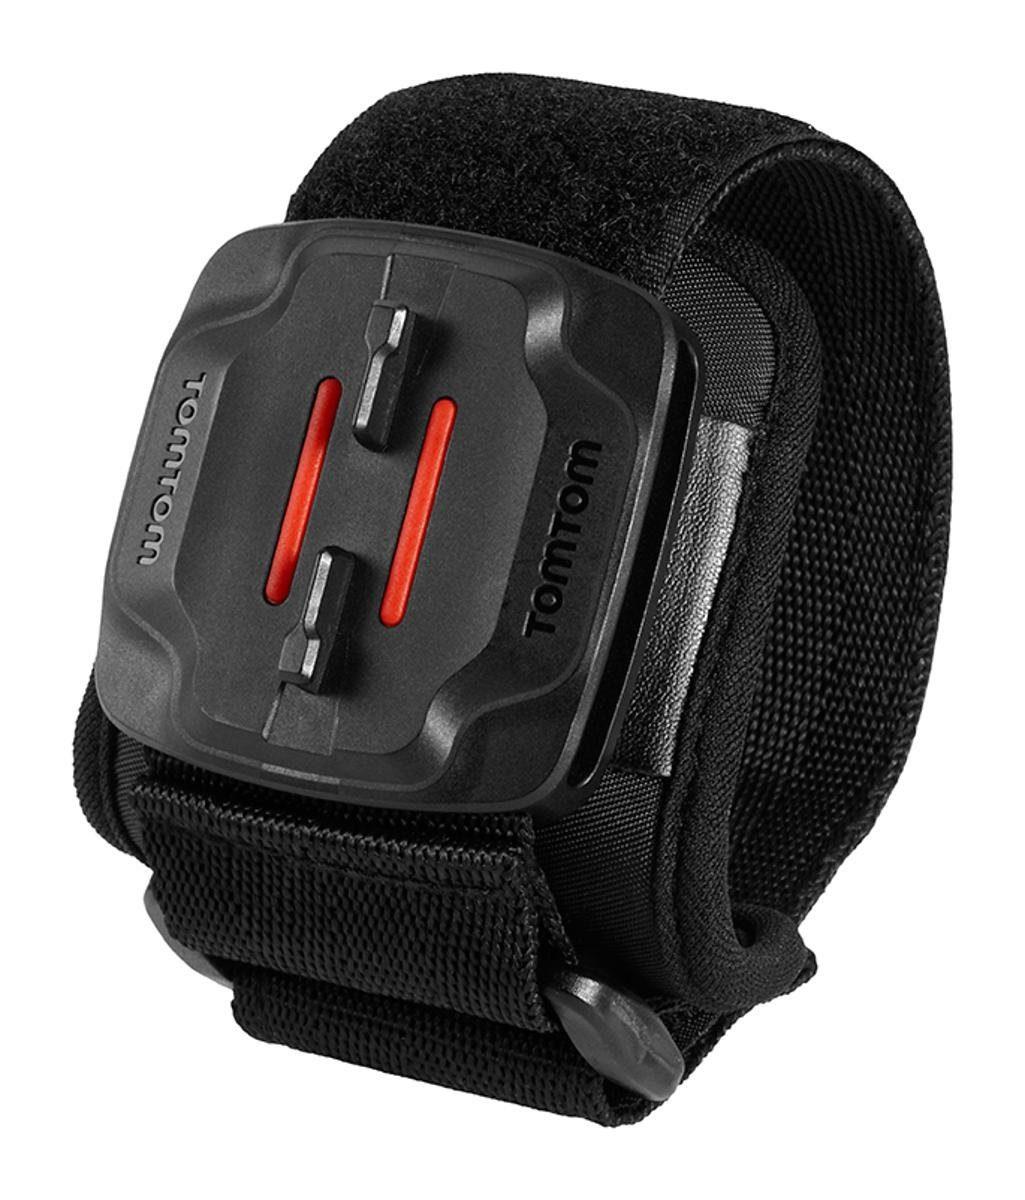 TomTom Actioncam-Zubehör »Bandit Halterung fürs Handgelenk«